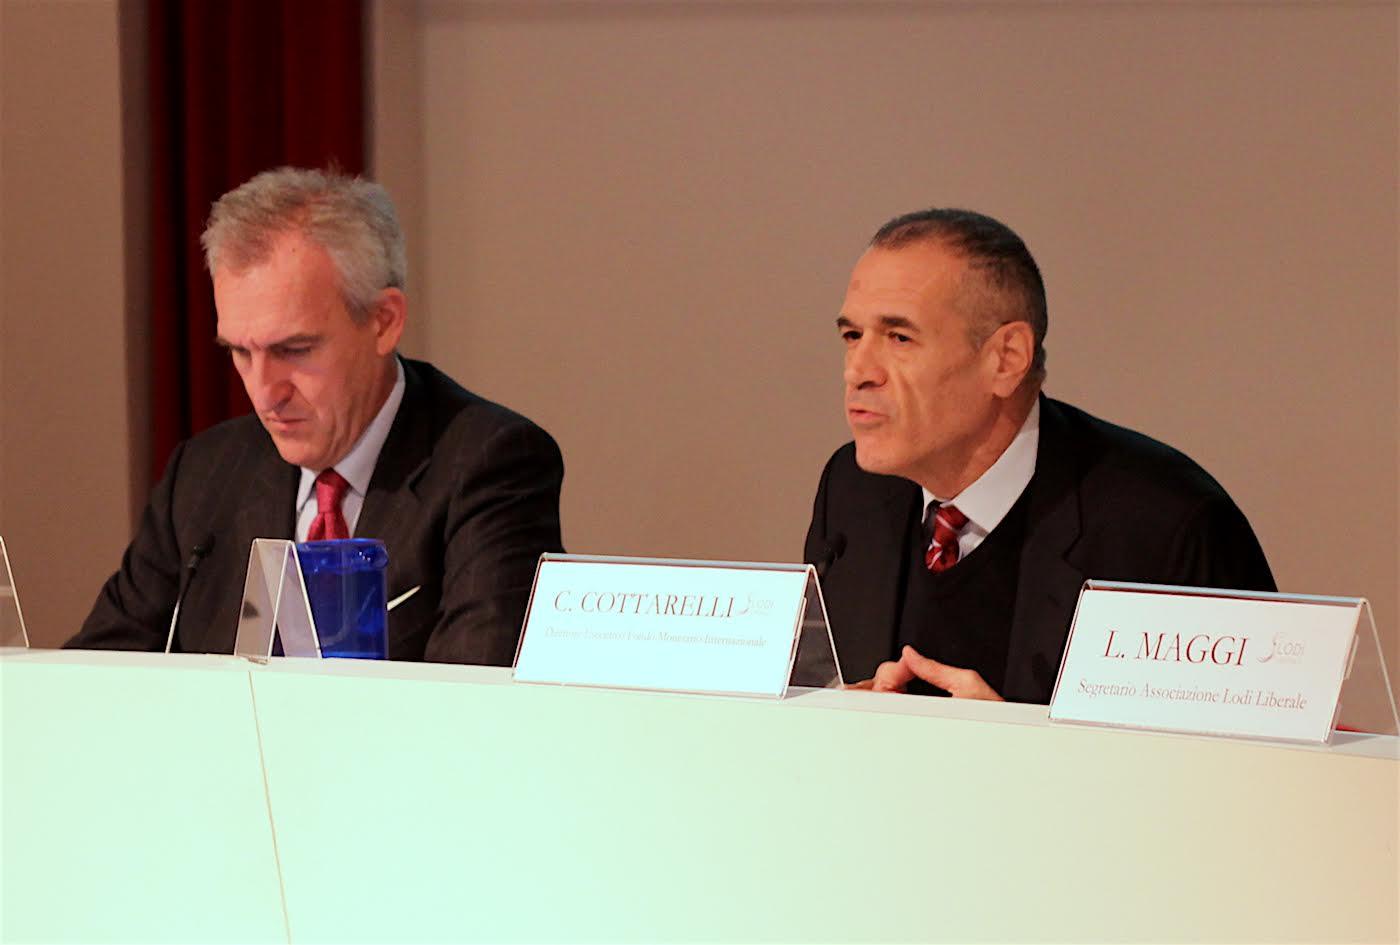 """Associazione Lodi Liberale - Presentazione del libro """"La lista della spesa"""" di Carlo Cottarelli"""